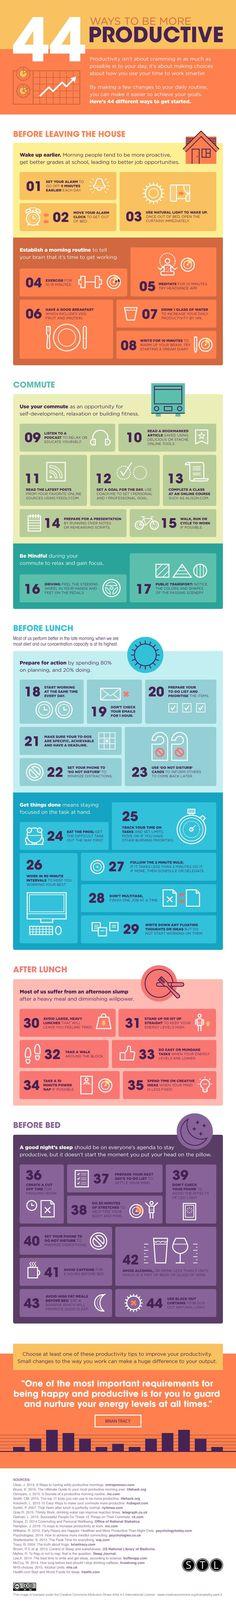 Infographic vergroot jouw productiviteit | Webmaster Resources